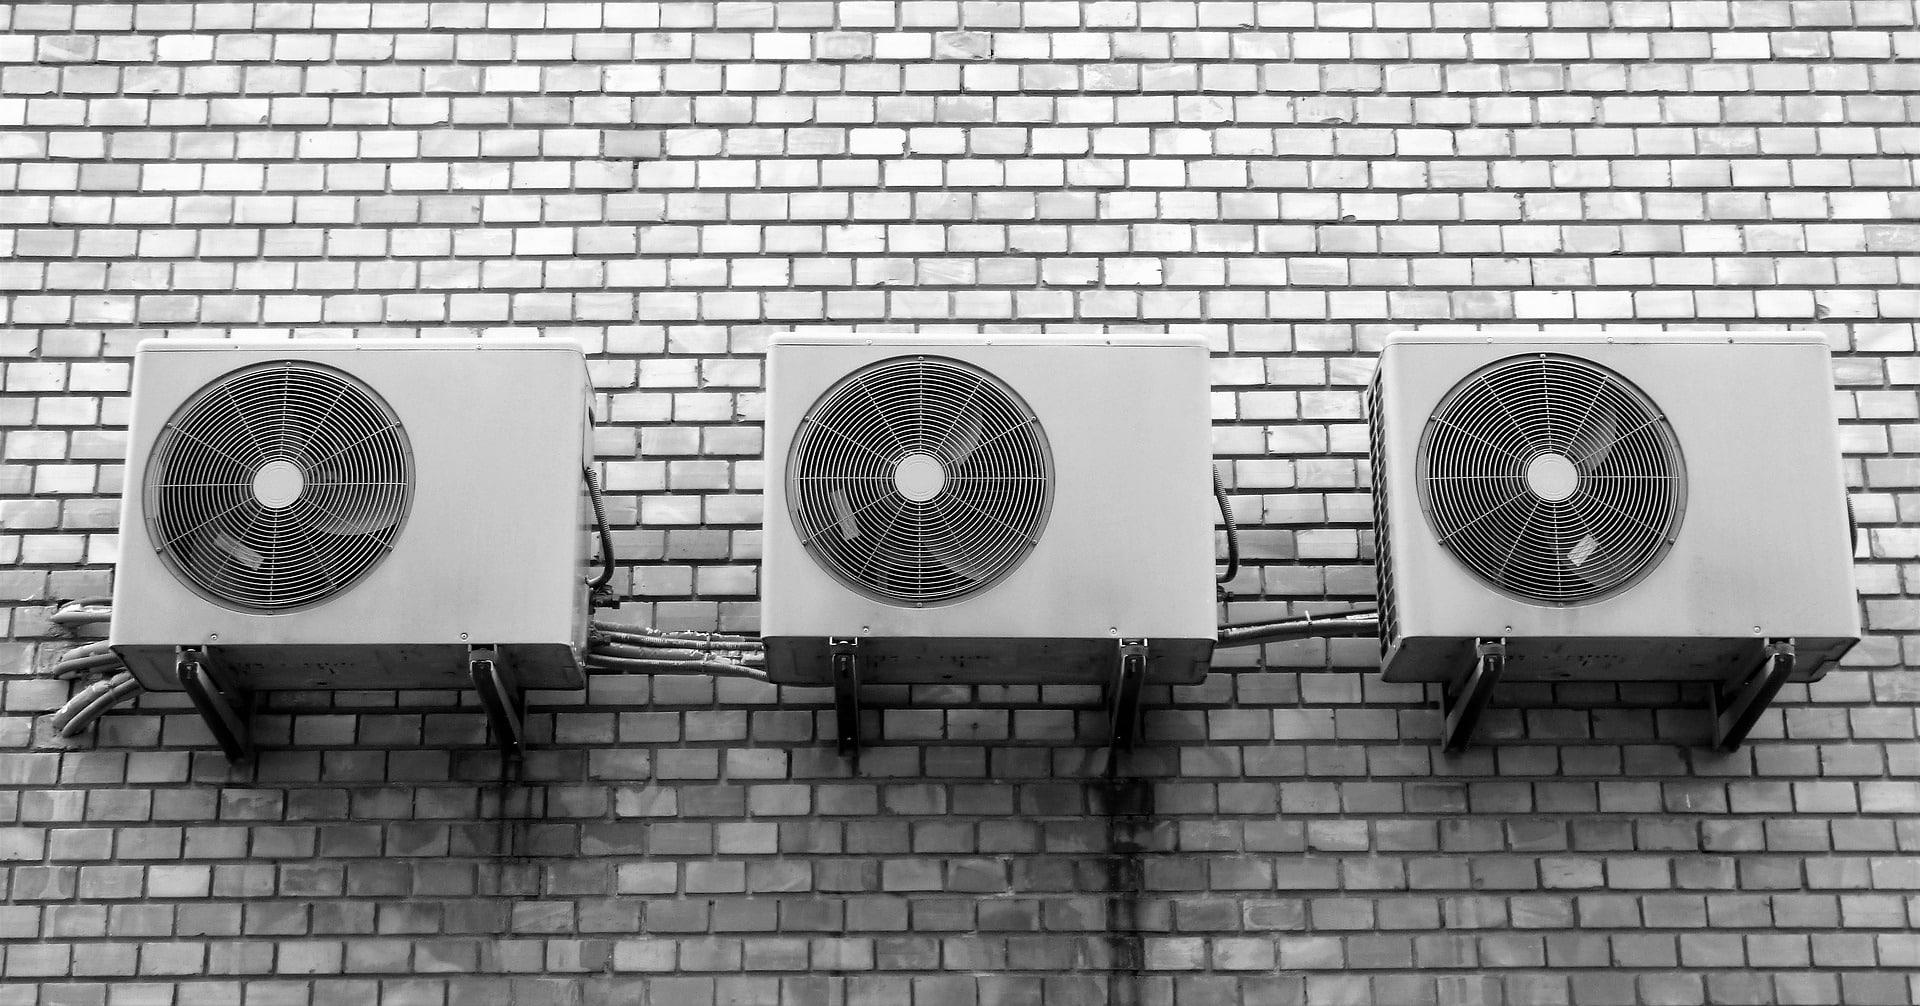 aria condizionata regole